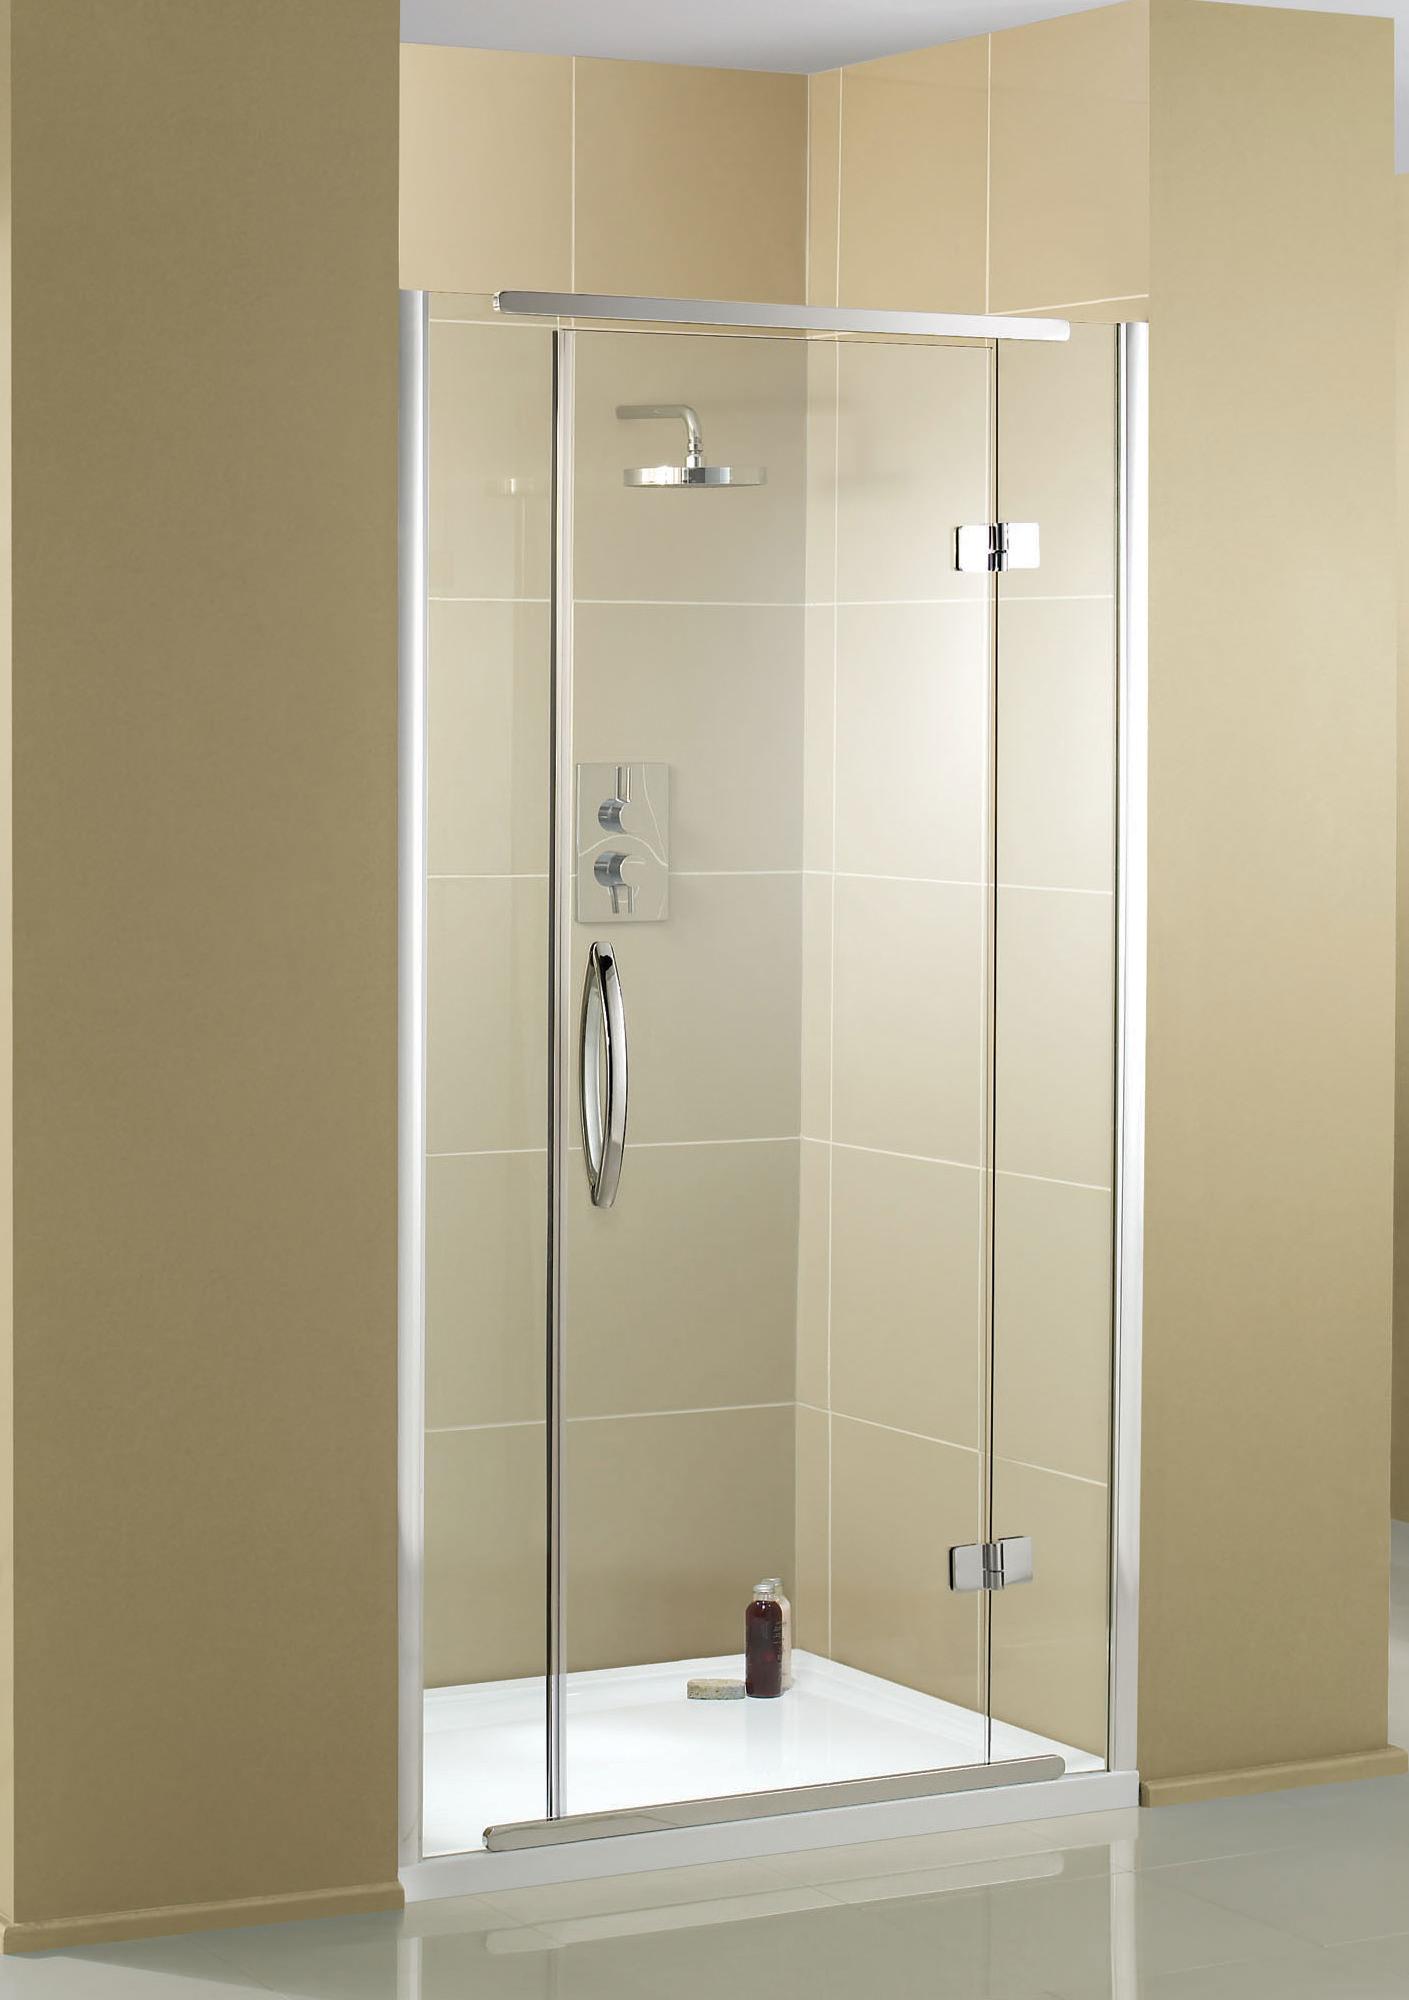 Aquadart inline recess hinged shower door 1200mm aq1013 for 1200mm shower door